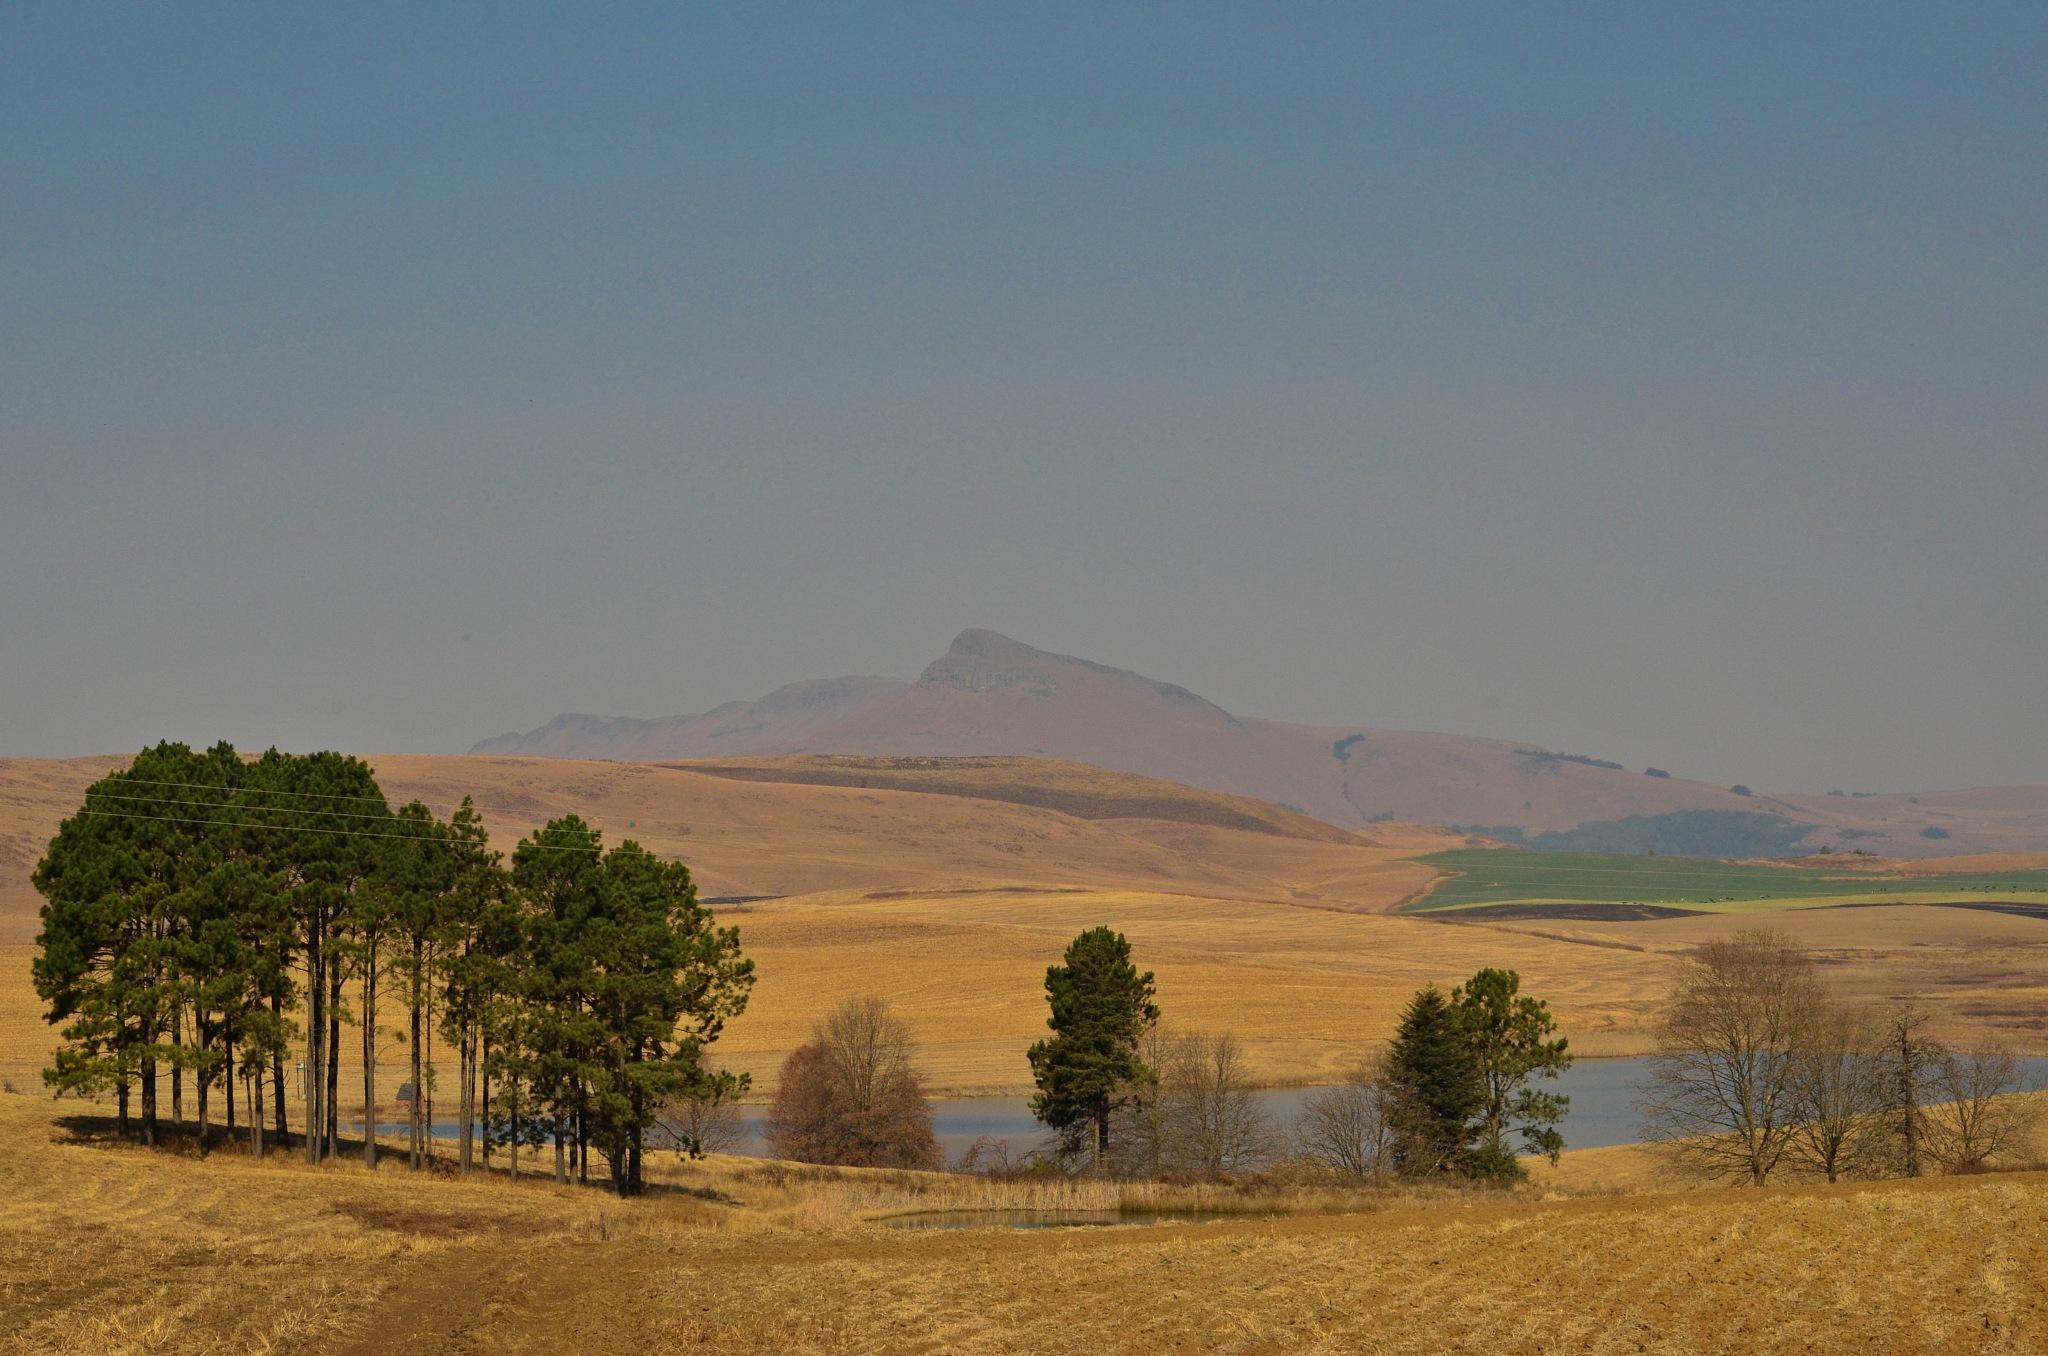 Isohalne Mountain by debbielott